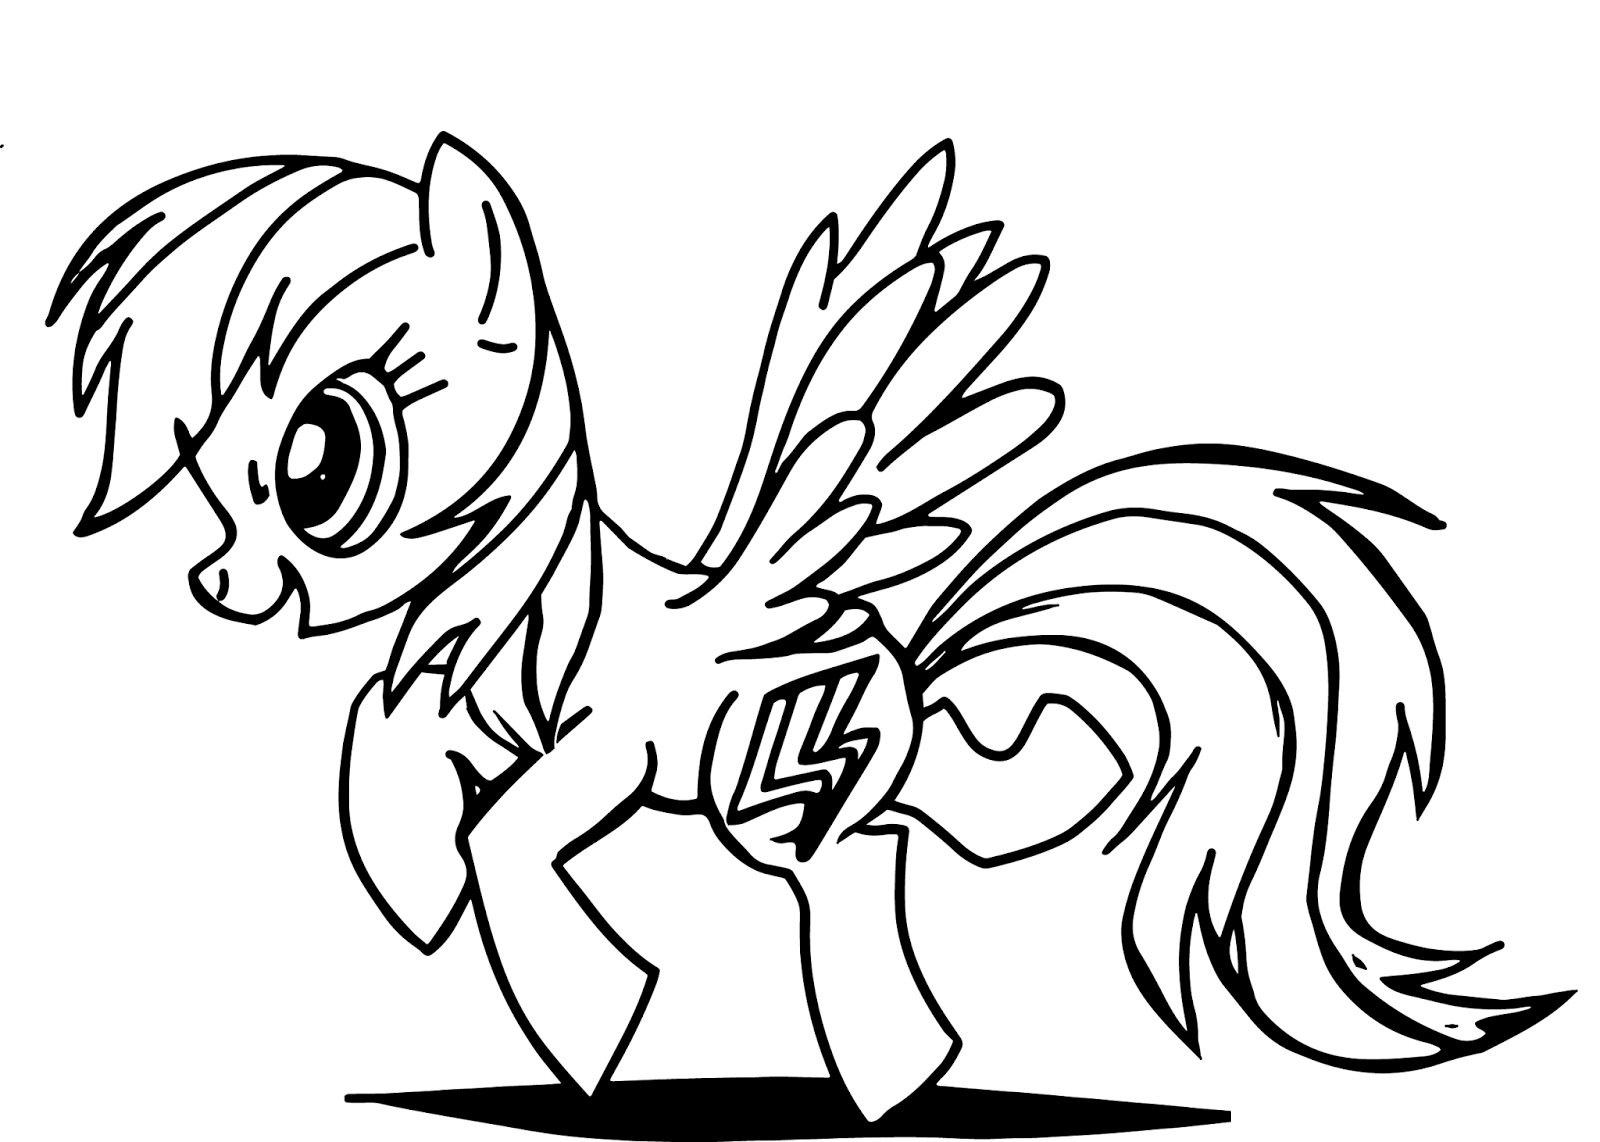 Tranh tập tô ngựa Pony đẹp cho bé